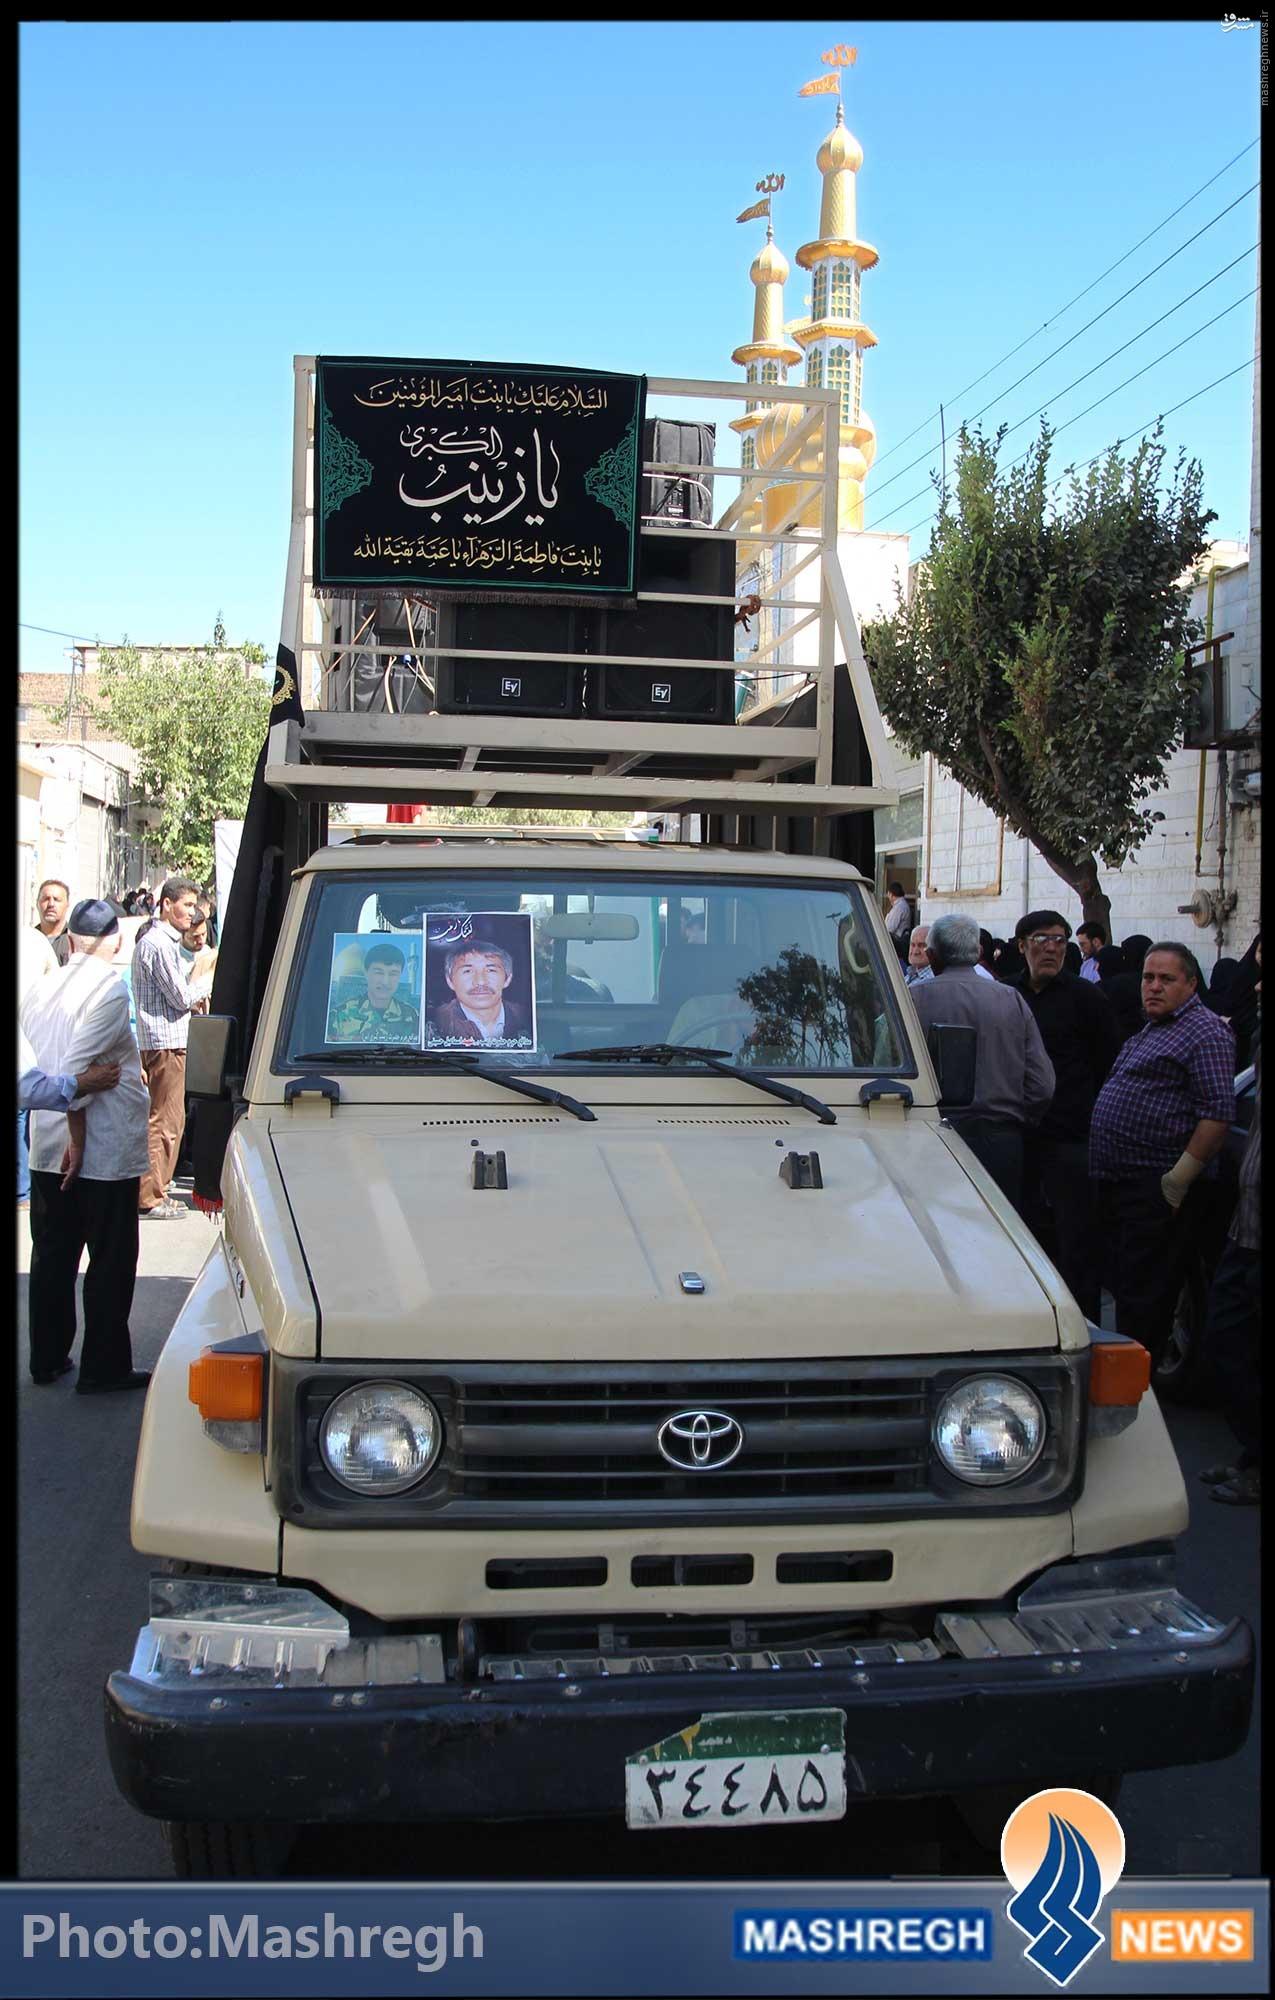 تصاویر/ شلوغ ترین روز «فاطمیون» در خیابان «شهادت»